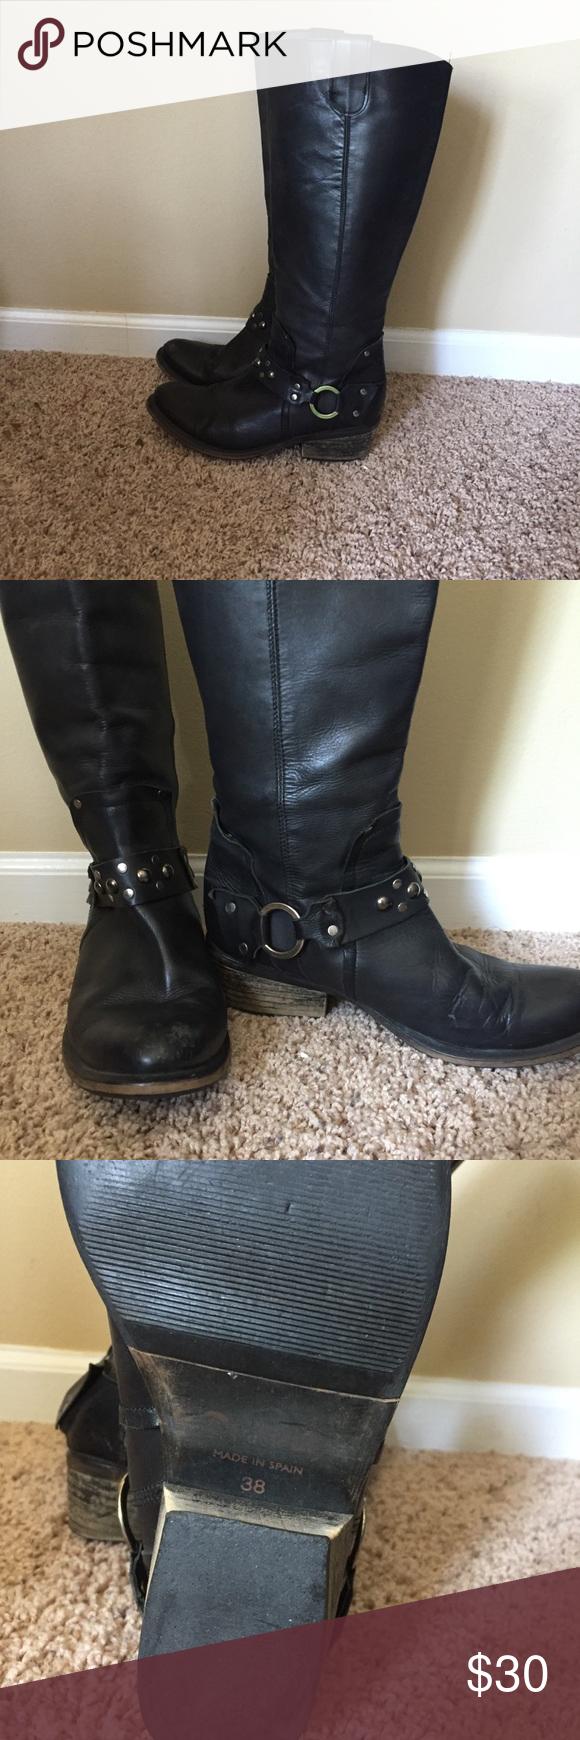 women's destroy boots